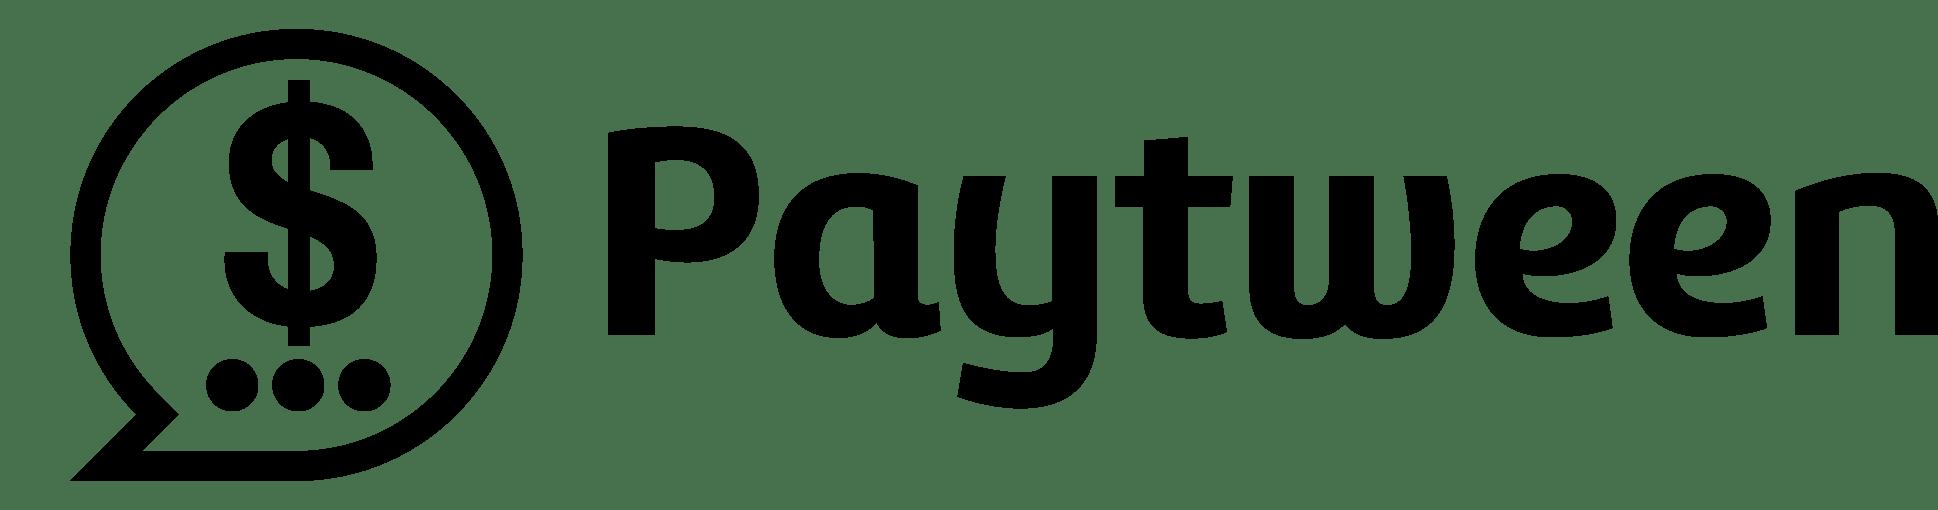 Paytween, la app española para pagar a tus amigos